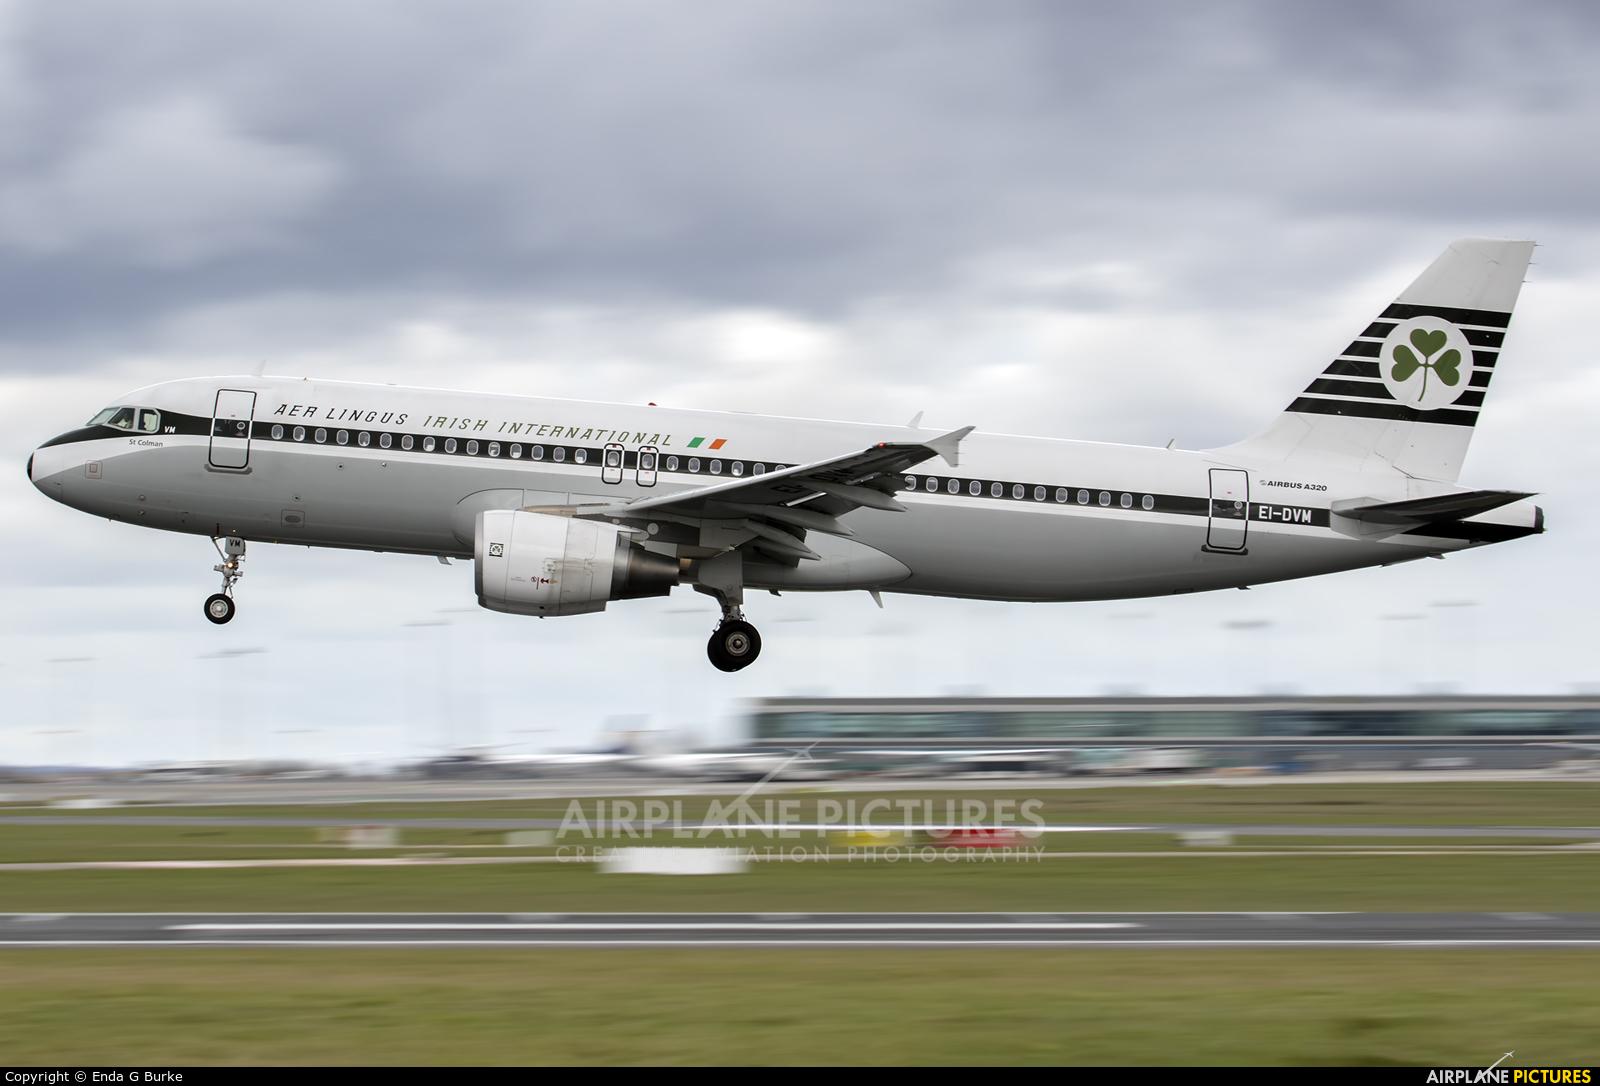 Aer Lingus EI-DVM aircraft at Dublin